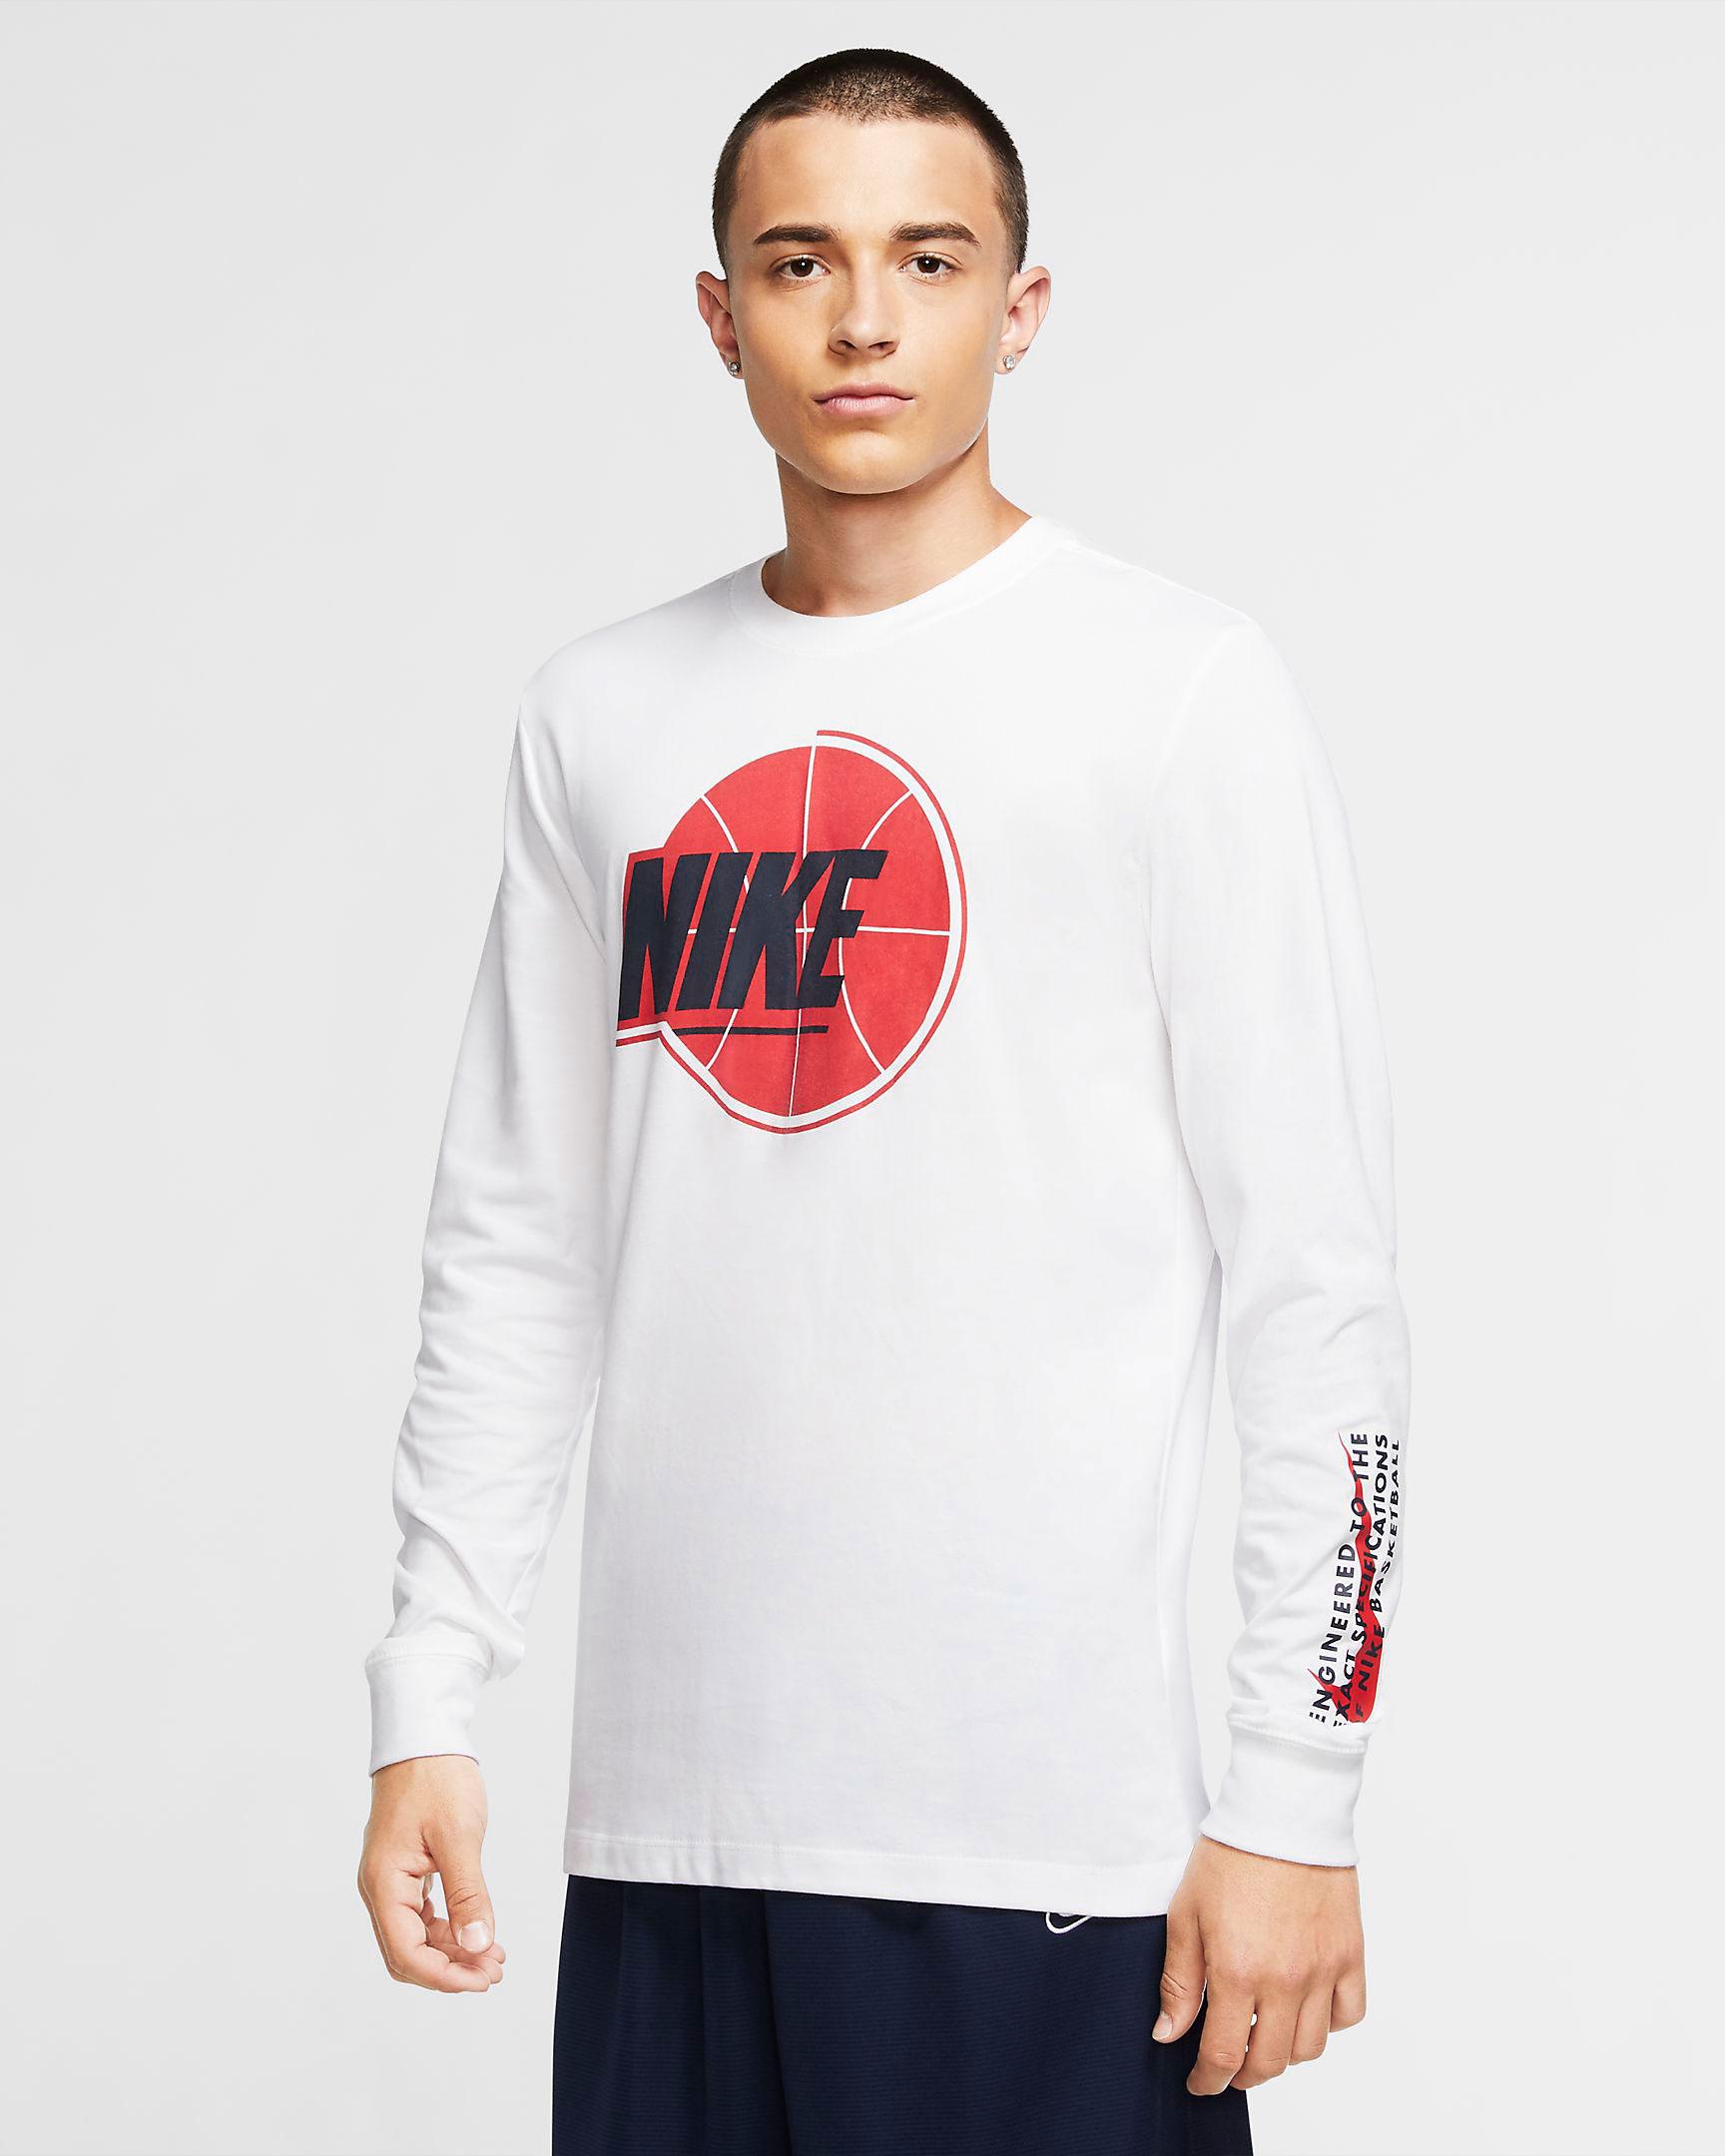 nike-lebron-17-graffiti-fire-red-cold-blue-matching-shirt-1